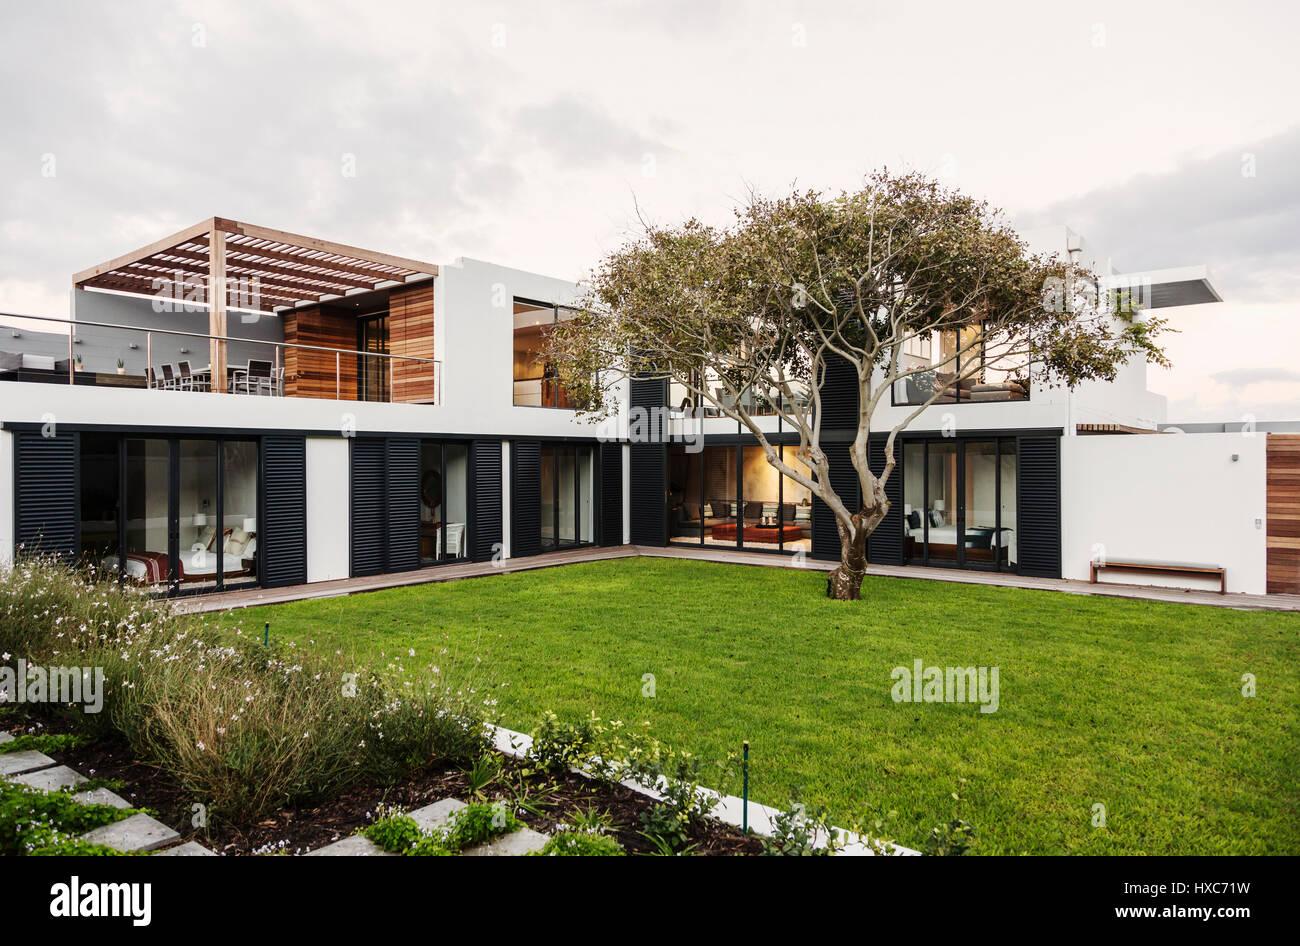 Moderne, Luxus home Schaufenster außen Stockfoto, Bild: 136722597 ...